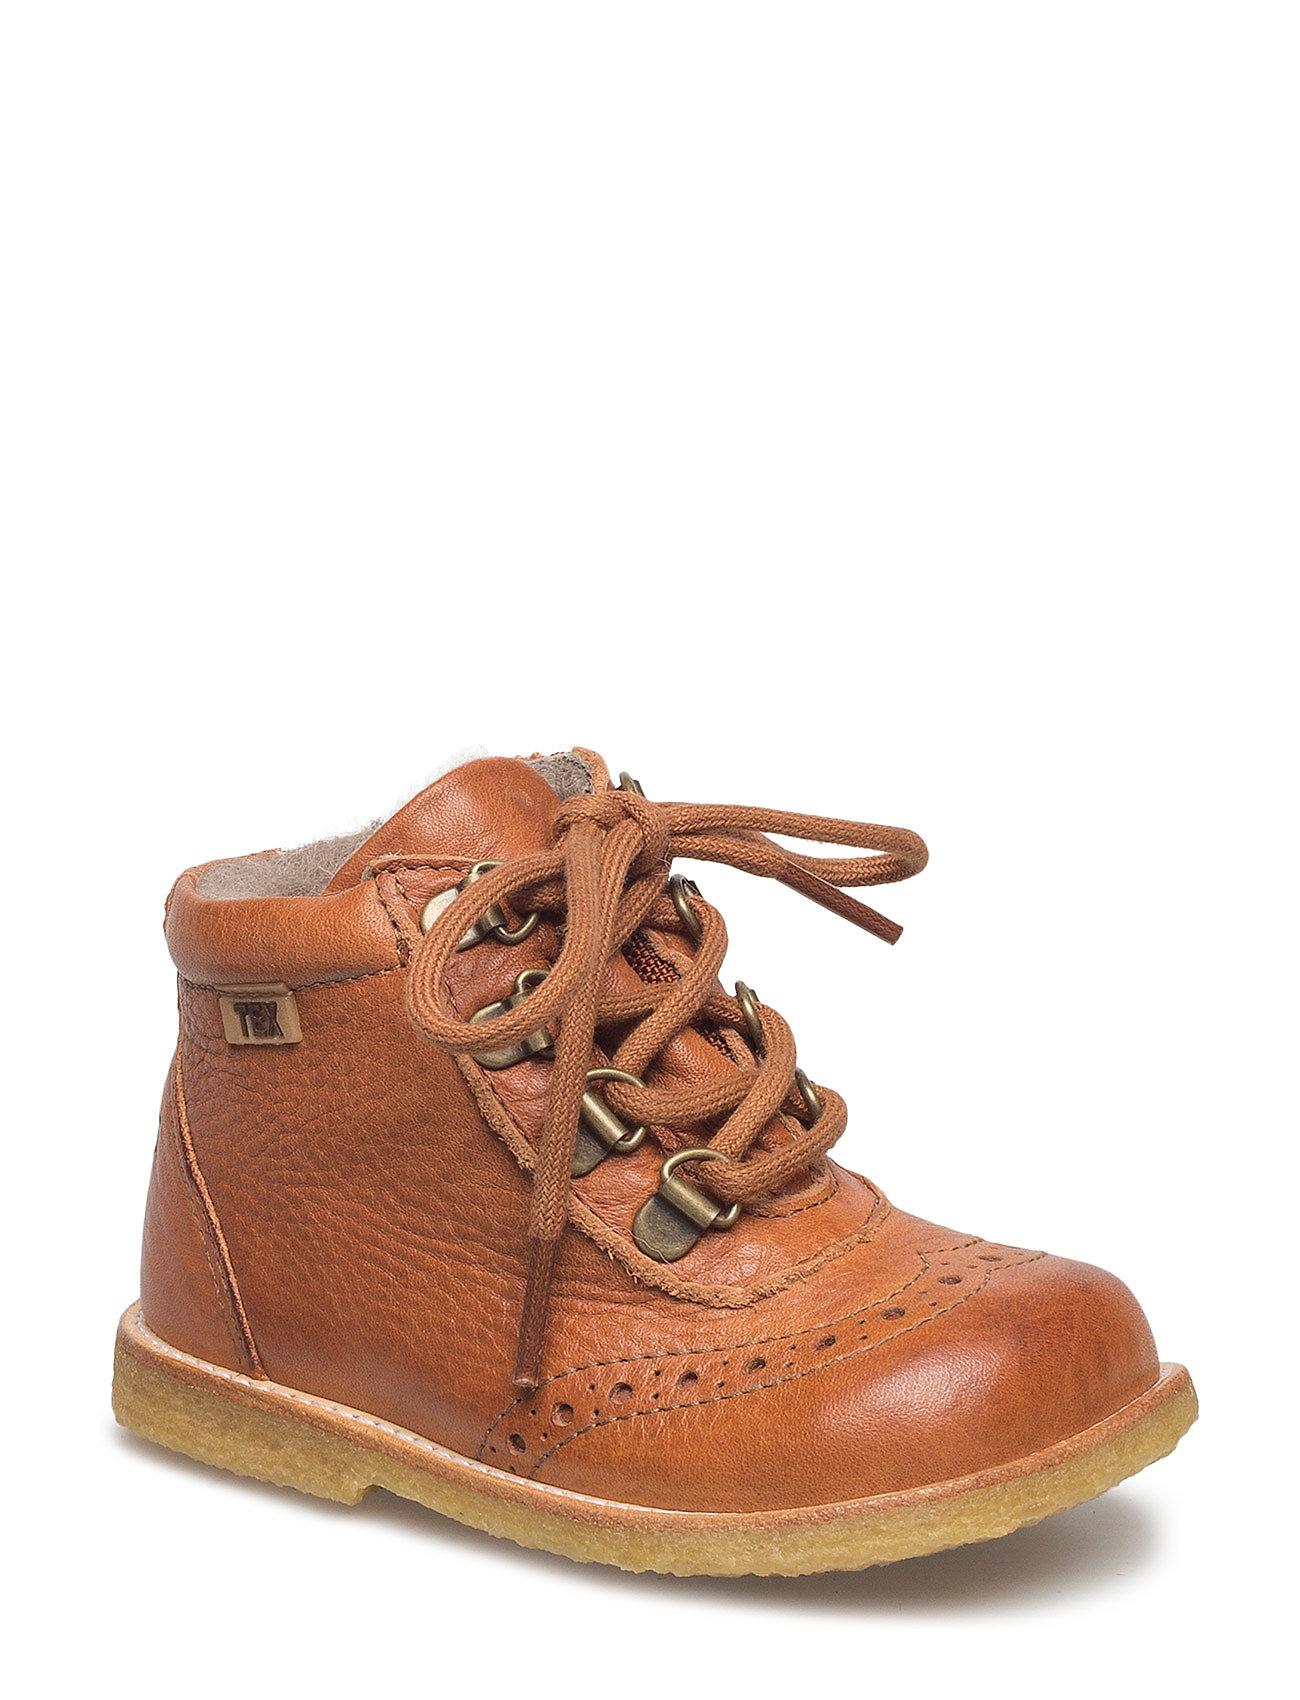 Image of Tex Boot Børnesko Pre-walkers Brun BISGAARD (3067494137)